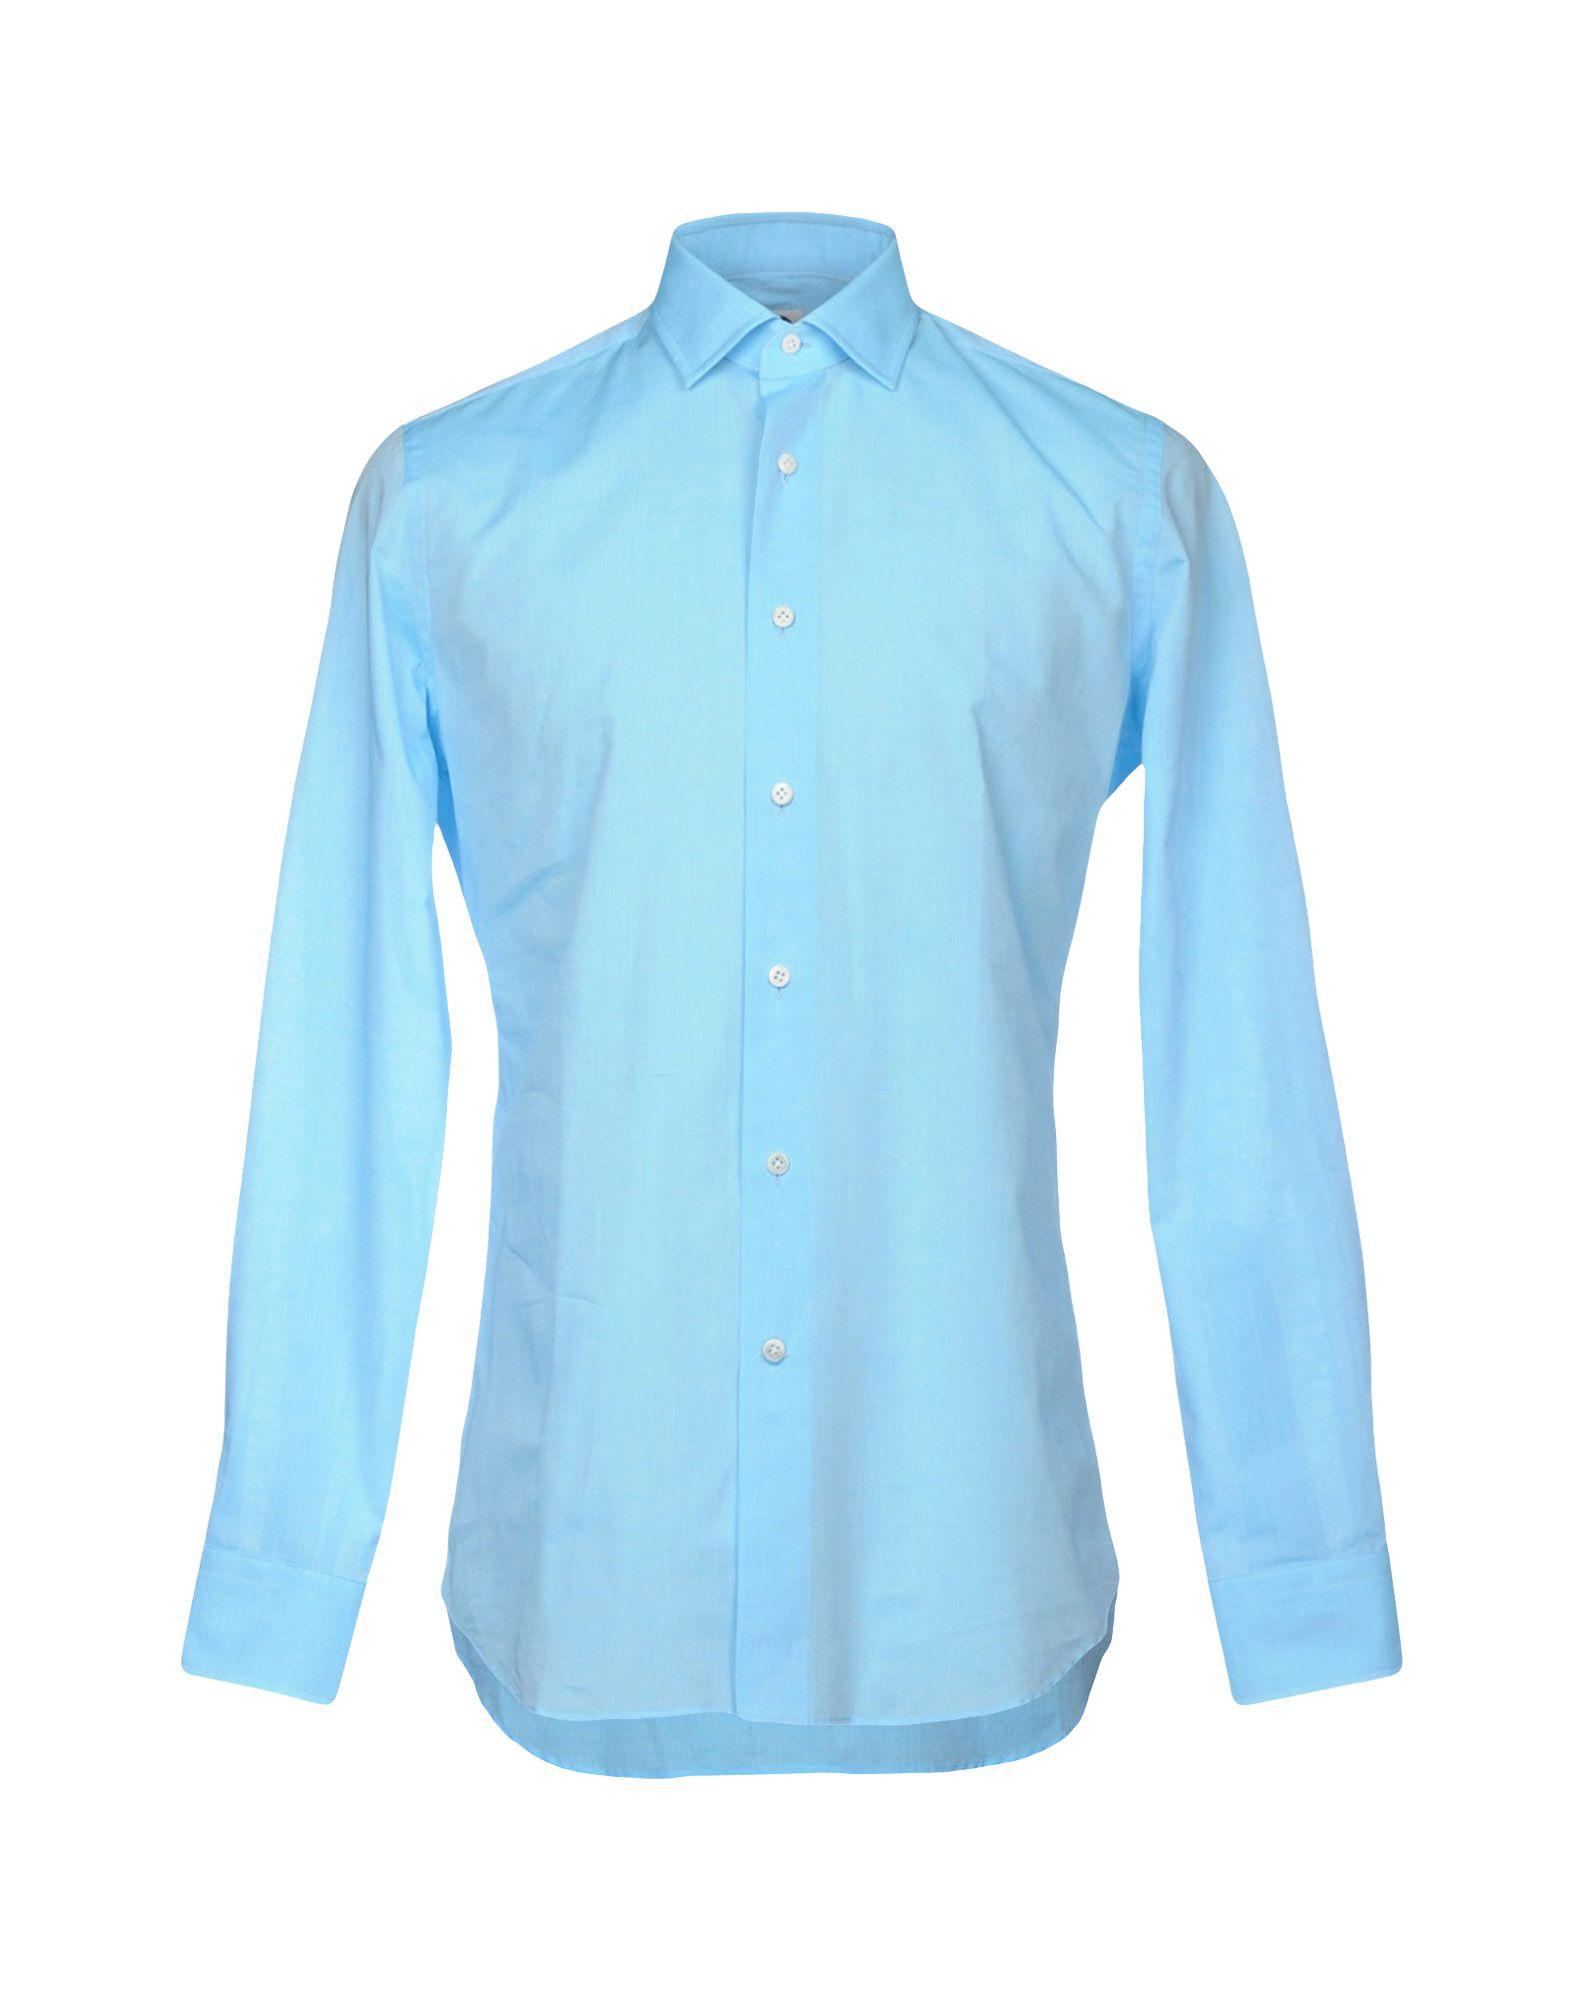 《送料無料》BAGUTTA メンズ シャツ ターコイズブルー 45 コットン 100%